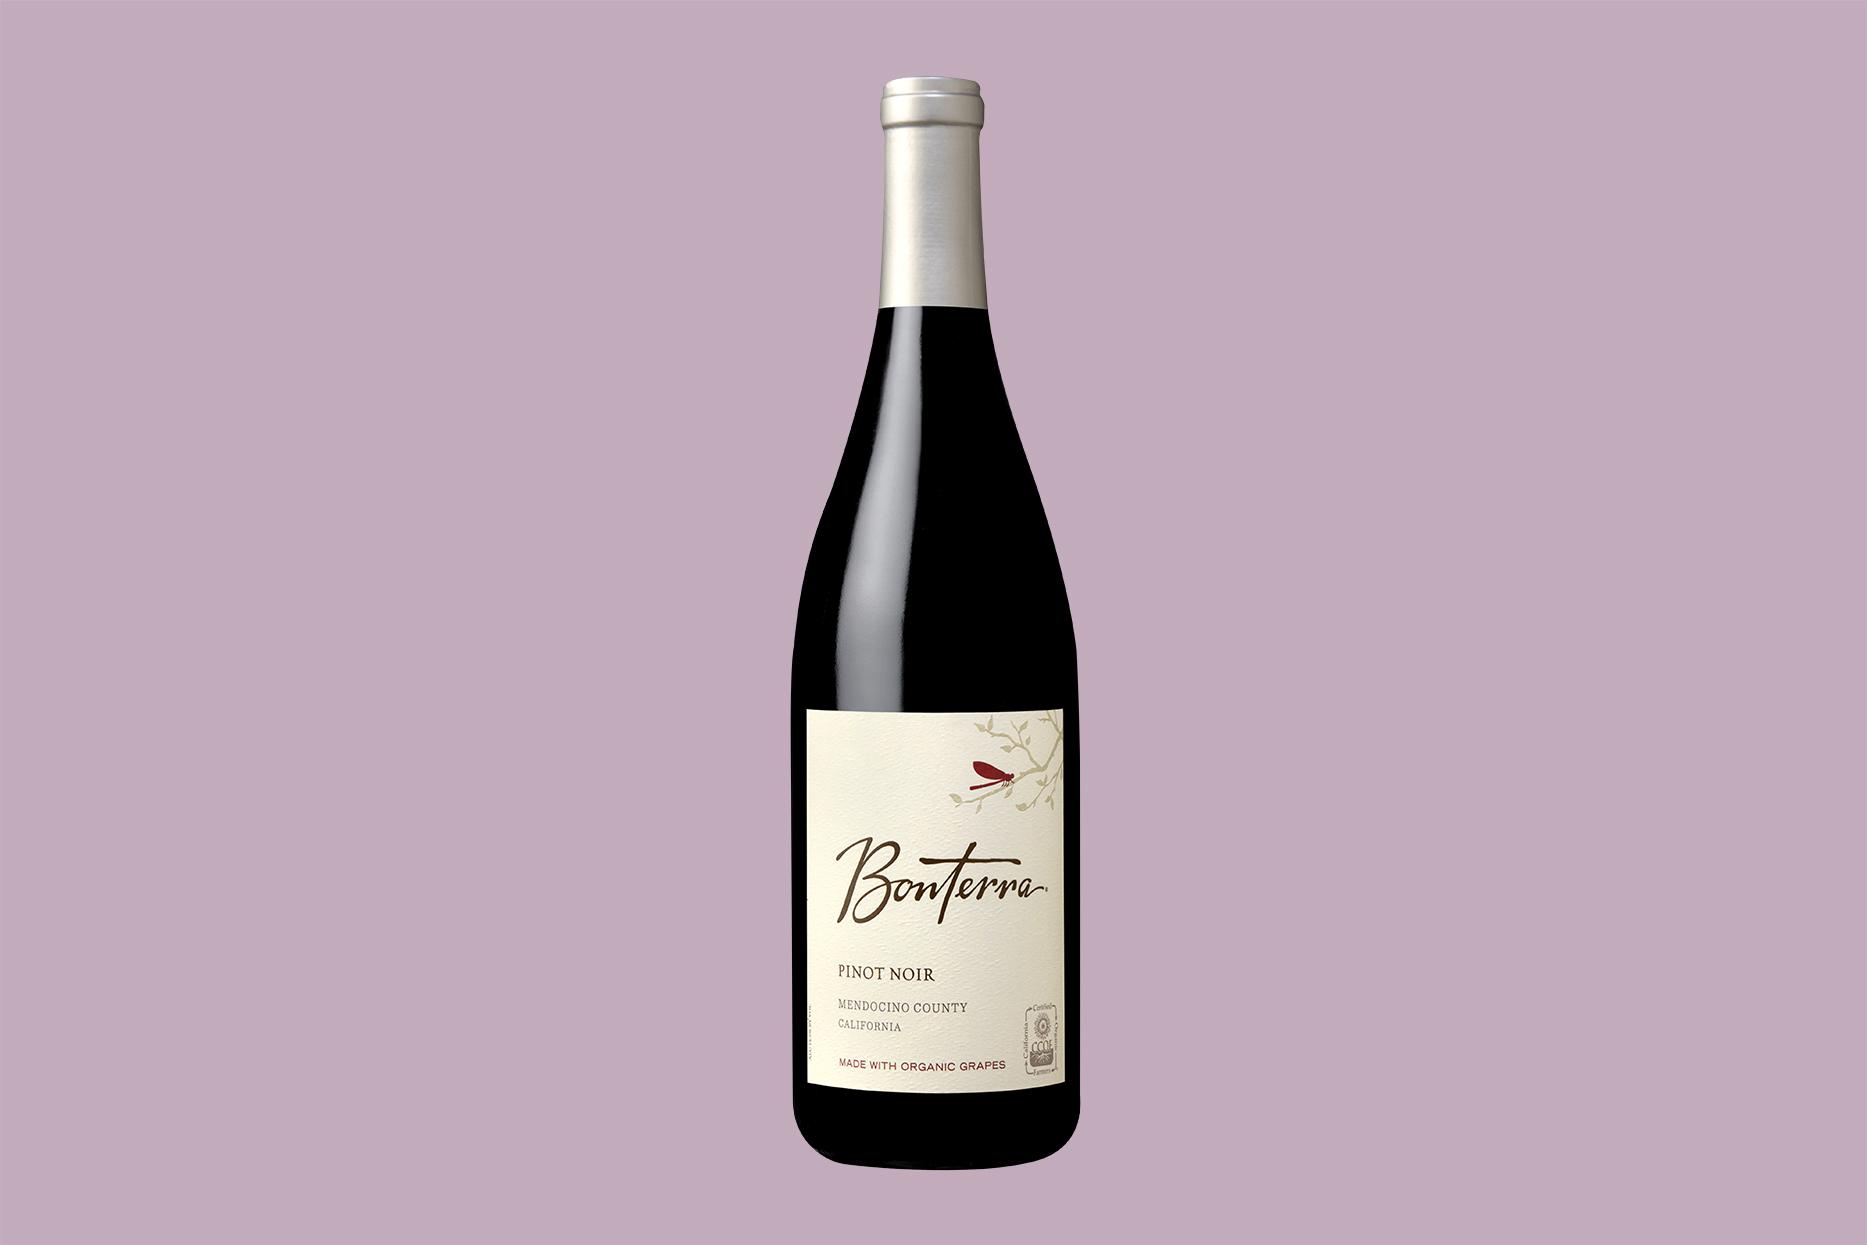 Boterra Pinot Noir